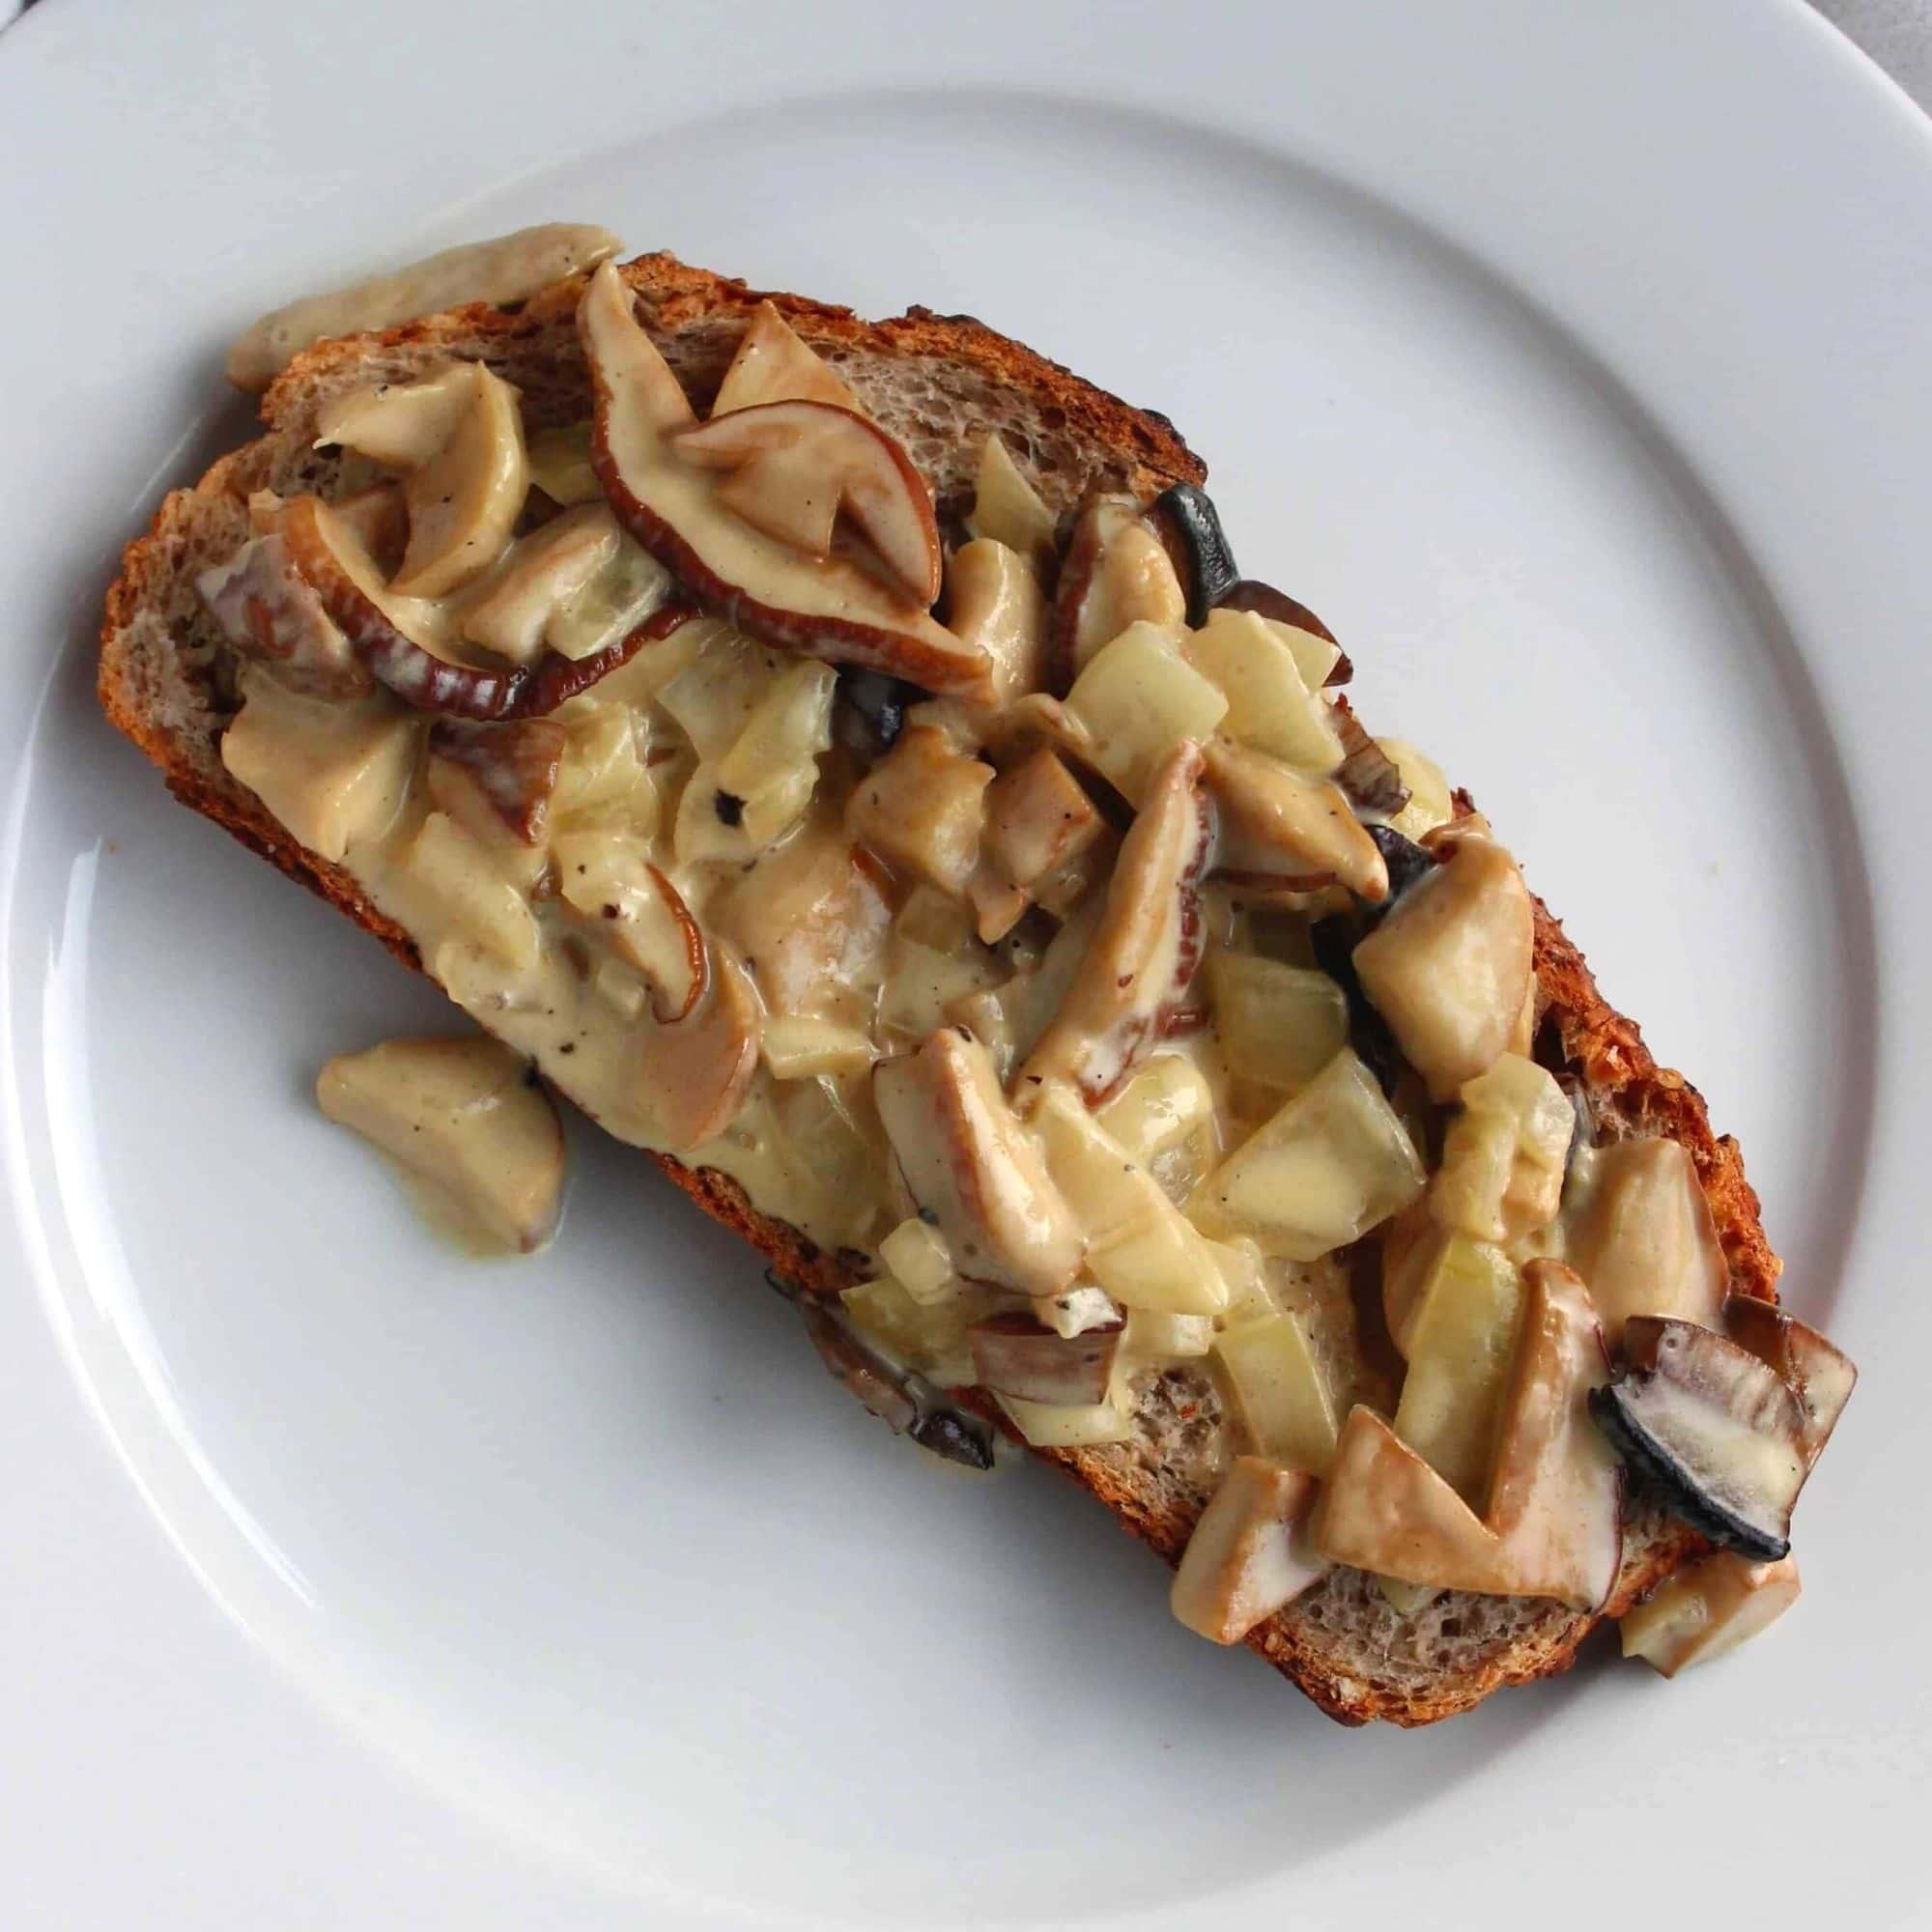 Sådan laver du svampe a la creme med Karl Johan (og de andre lækre spisesvampe). Spis den på et godt brød, som en lækker pastaret, til ris, i tarteletter... Find opskrifter, gratis print og inspiration til årets gang på danishthings.com #DanishThings #svampe #karljohan #spisesvampe #svampealacreme #svampe-a-la-creme #svampe-toast #svampetoast #svampesauce #mad #efterår #lækkert